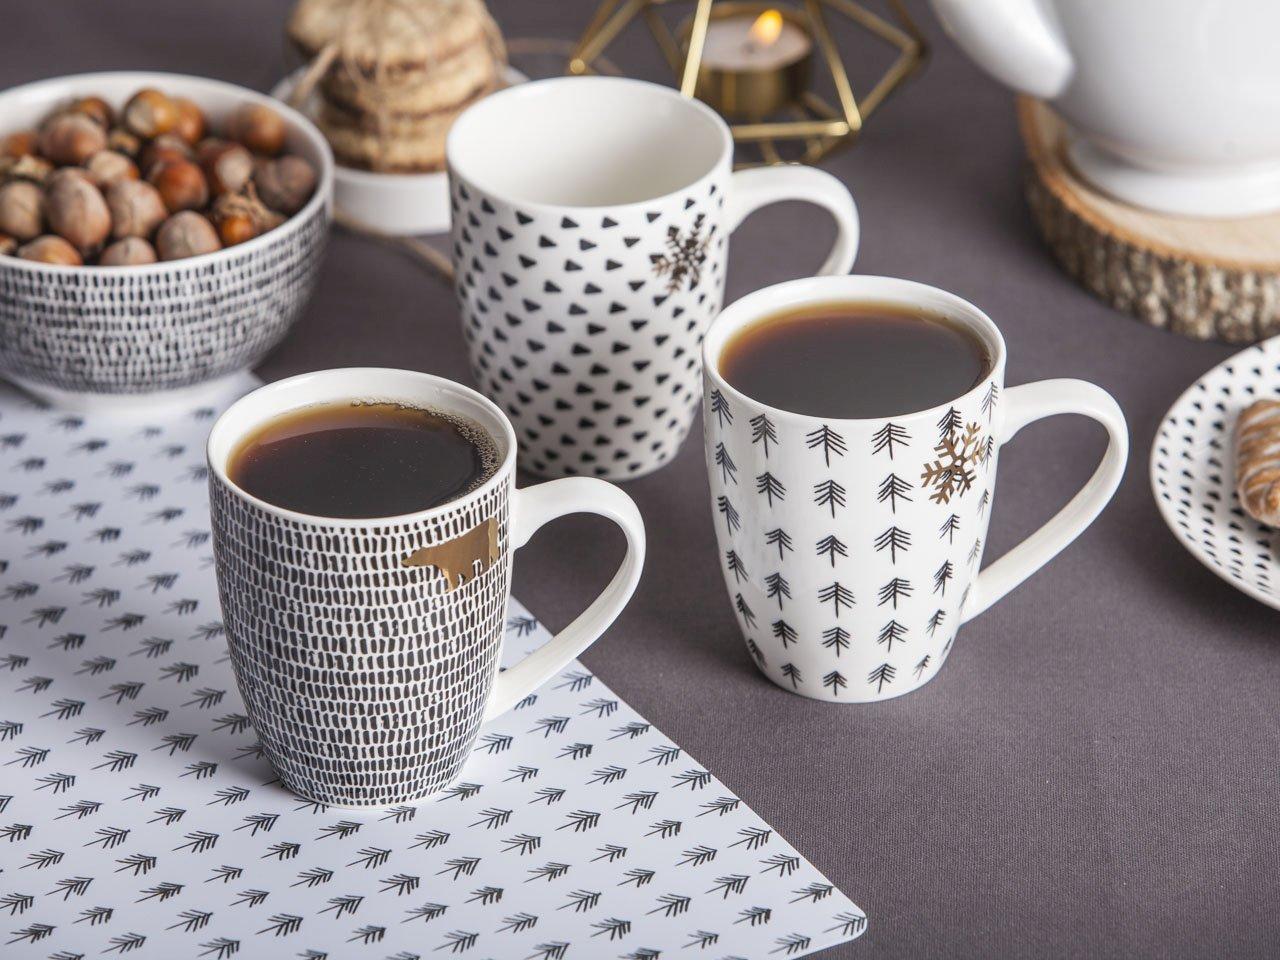 Kubek do kawy i herbaty święta Boże Narodzenie Altom Design Nordic Winter 340 ml (3 wzory)